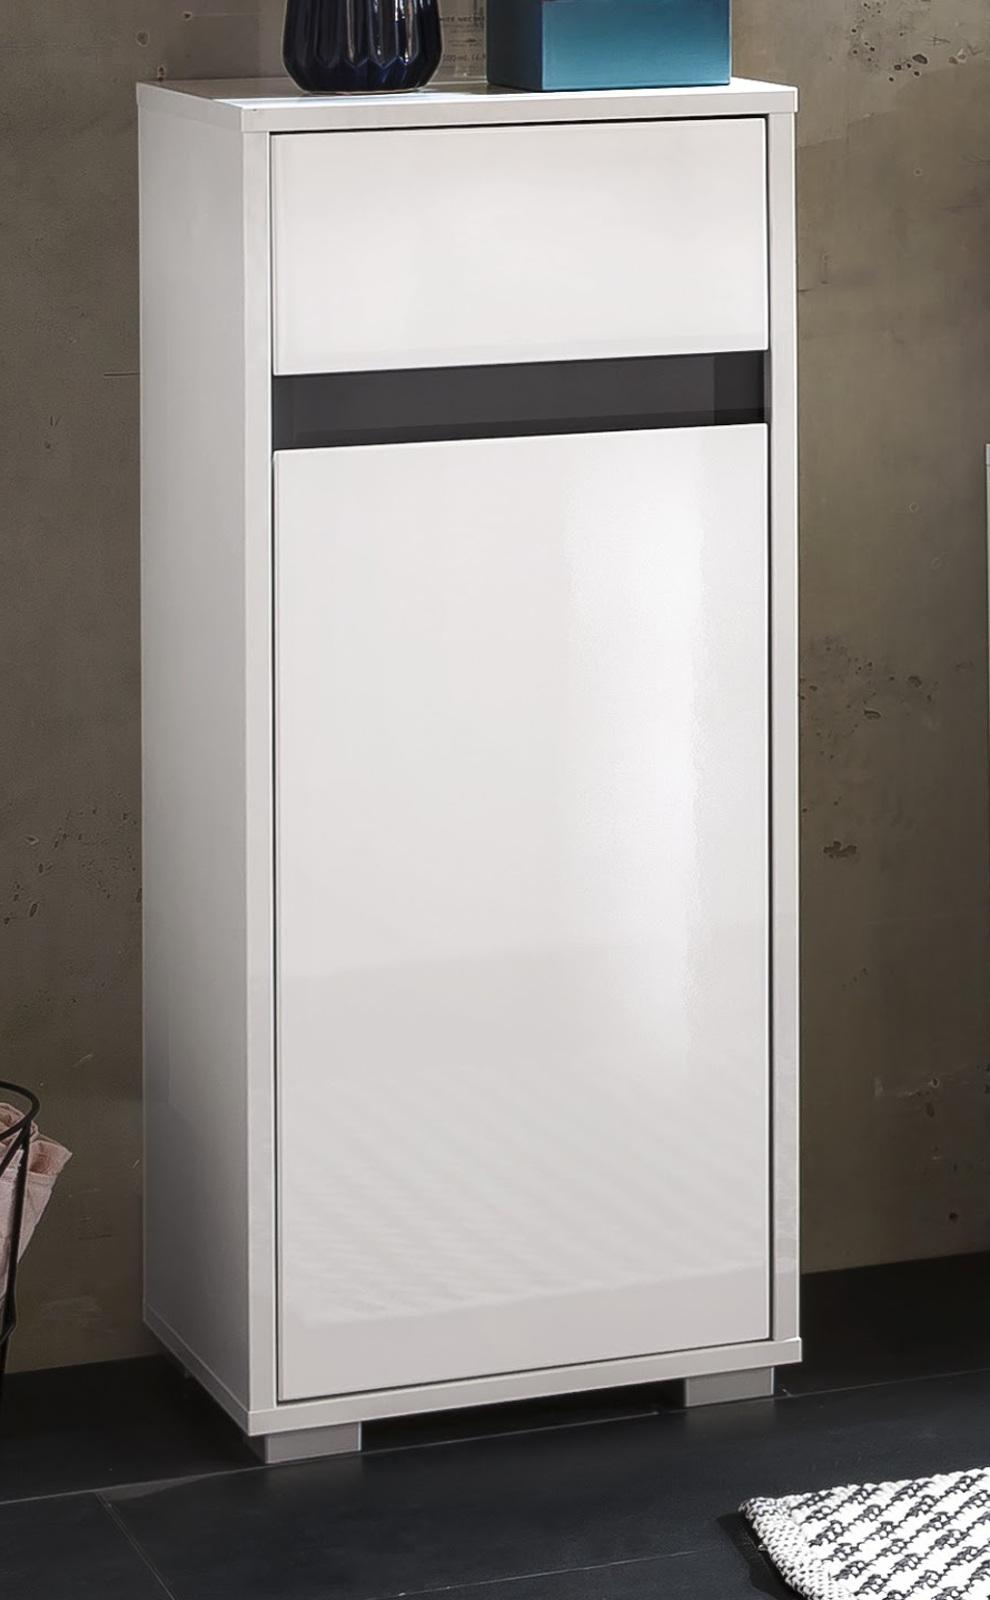 badezimmer standschrank sol hochglanz wei. Black Bedroom Furniture Sets. Home Design Ideas